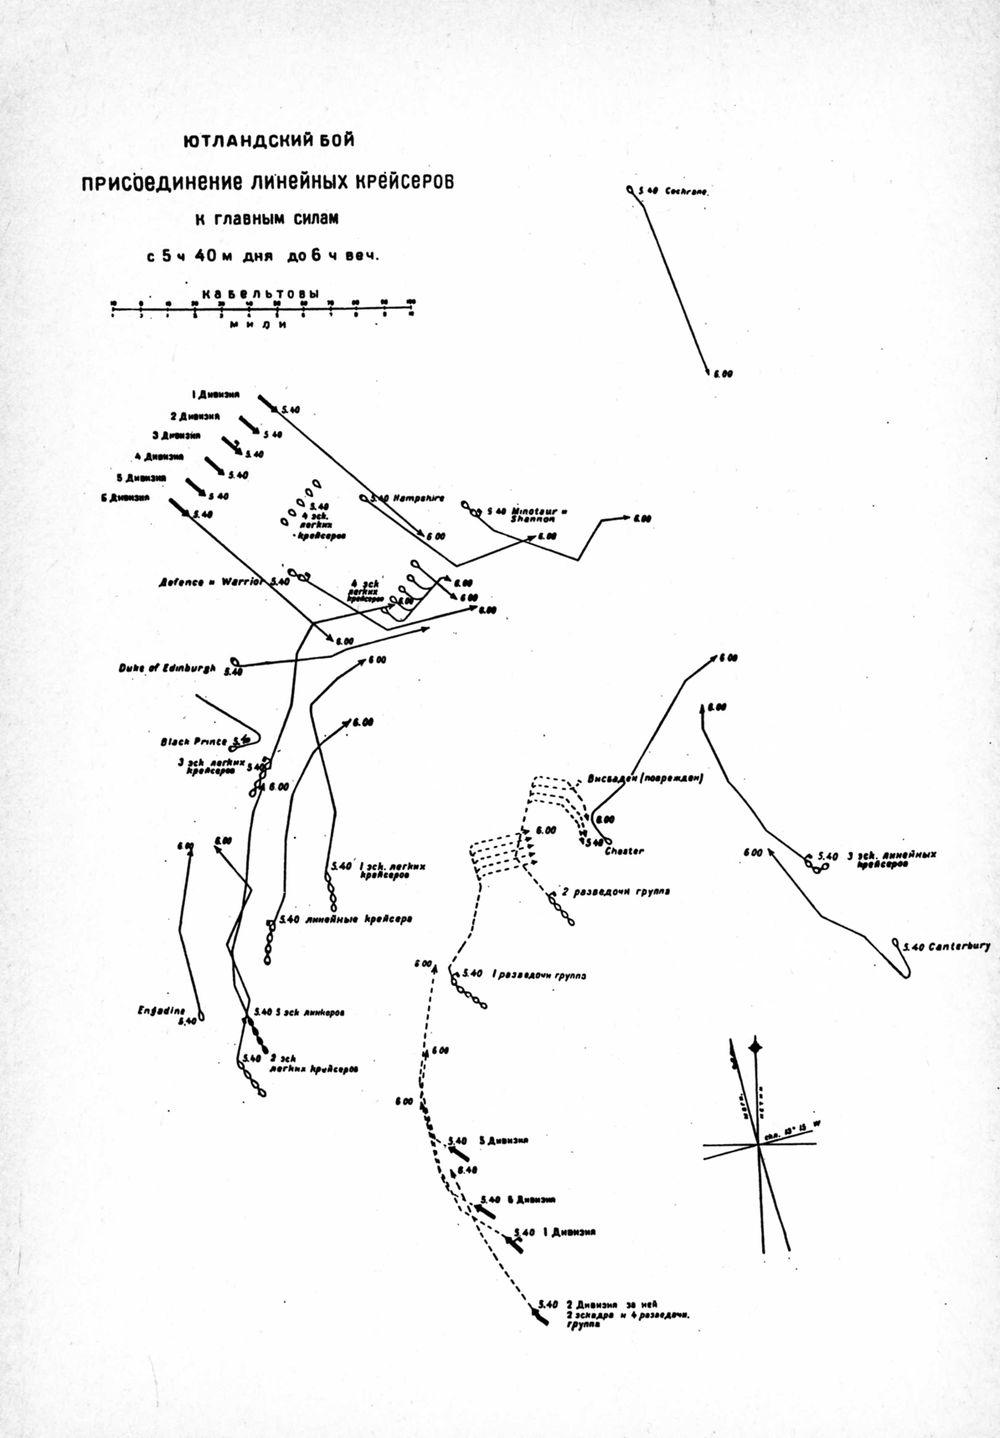 Map_12_(присоединение_ЛК_к_главным_силам_540-600).jpg